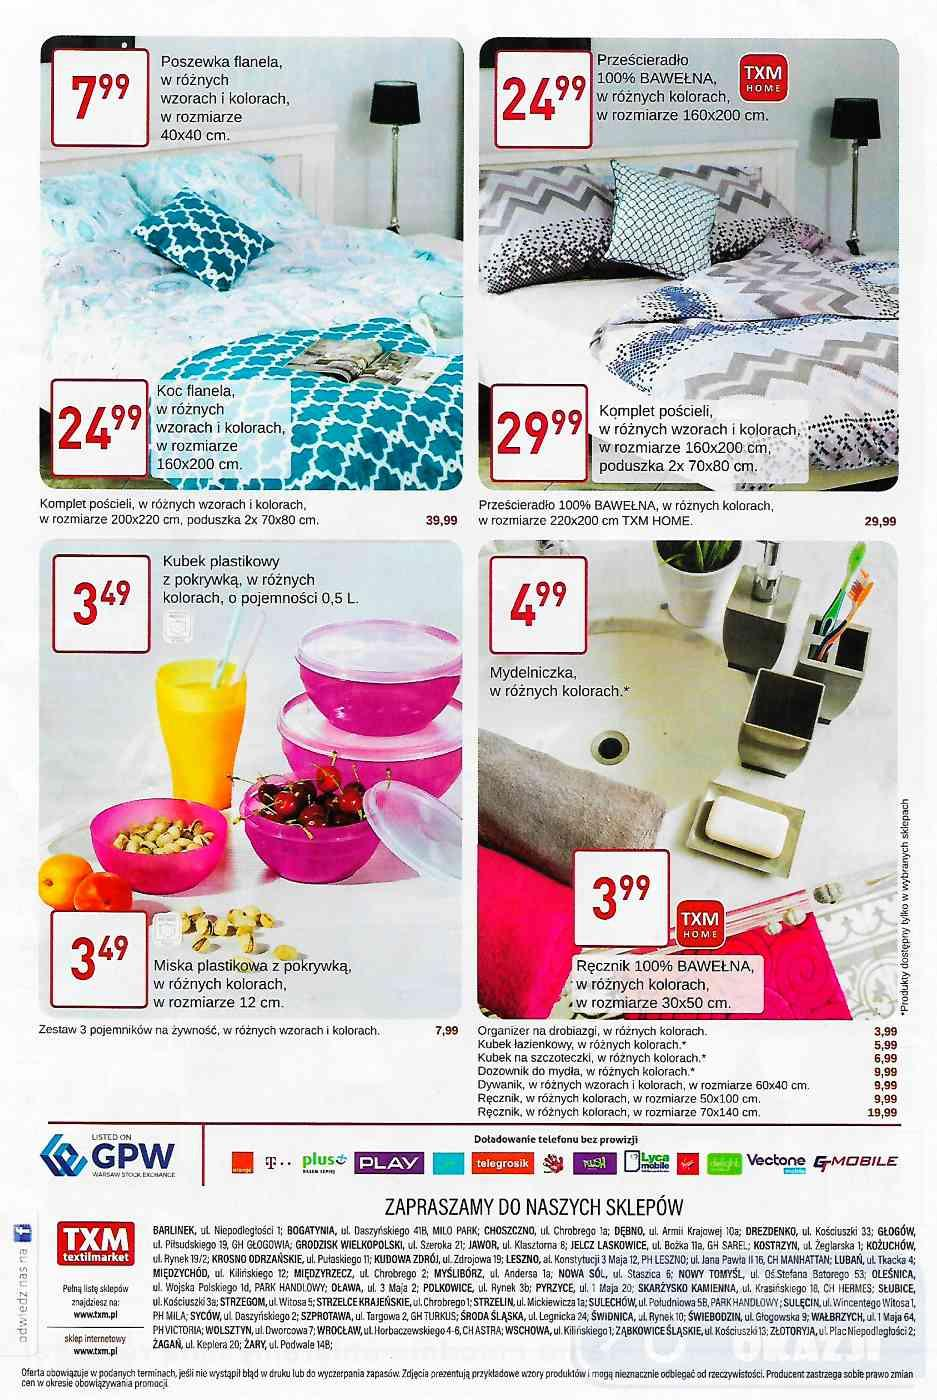 Gazetka promocyjna Textil Market do 11/07/2017 str.3